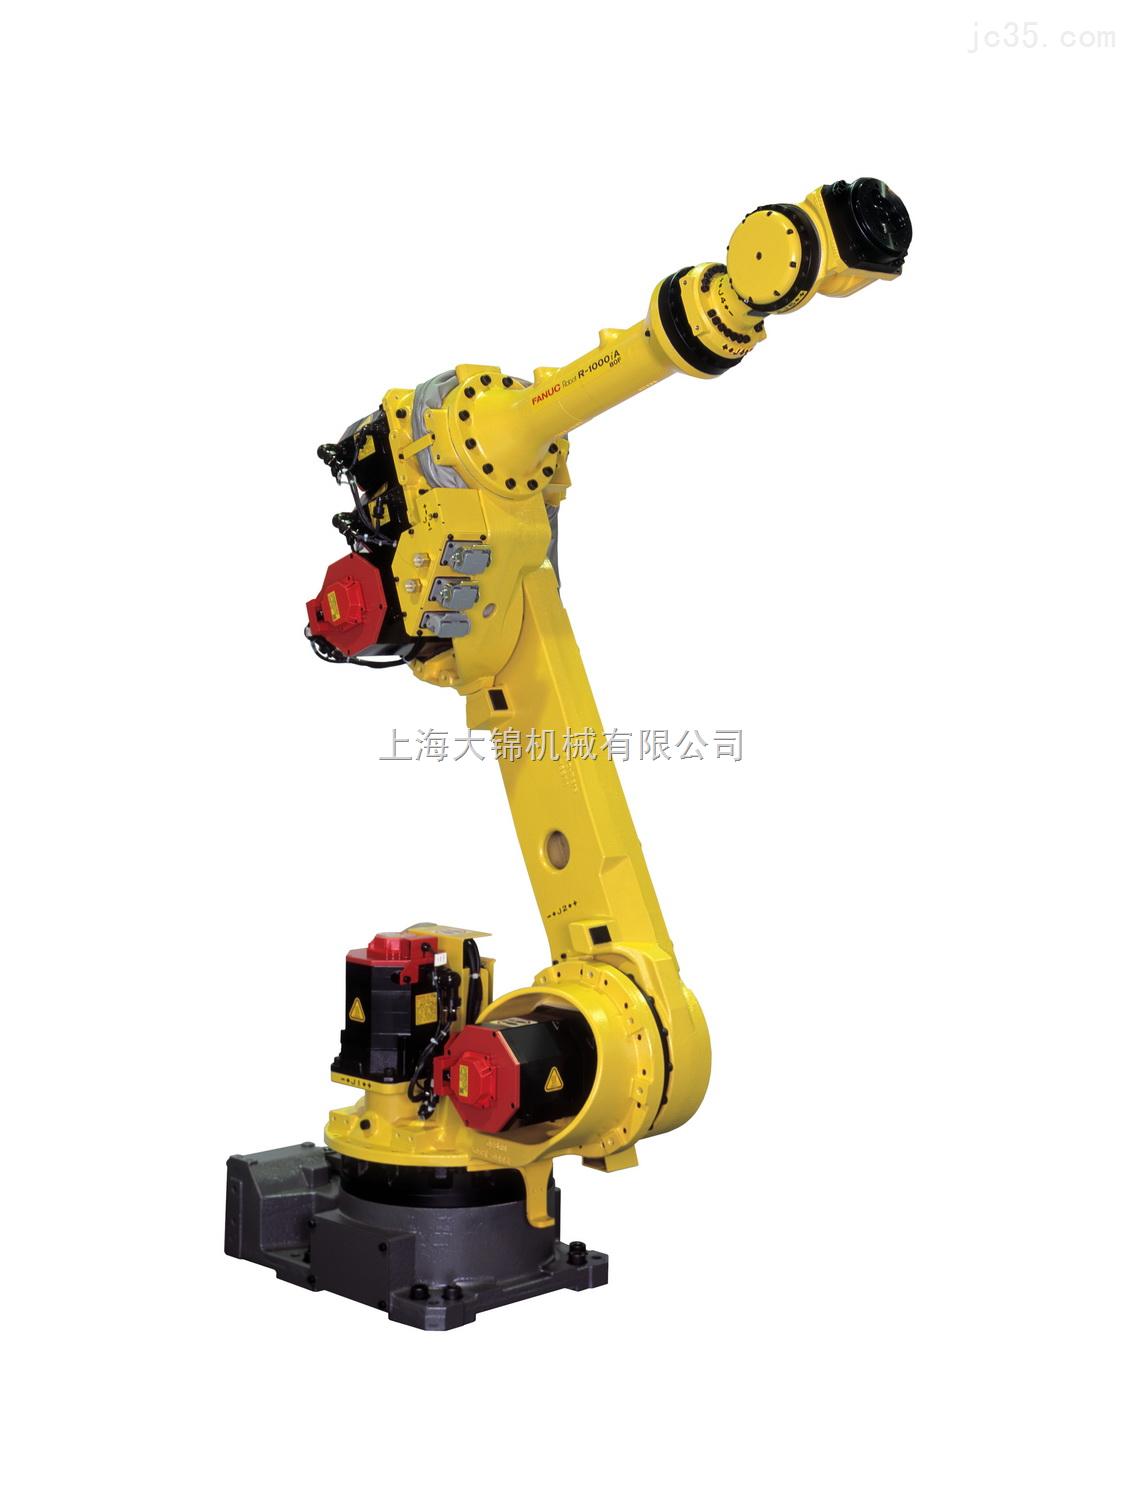 自动化埋件、取件工业机器人R-1000iA